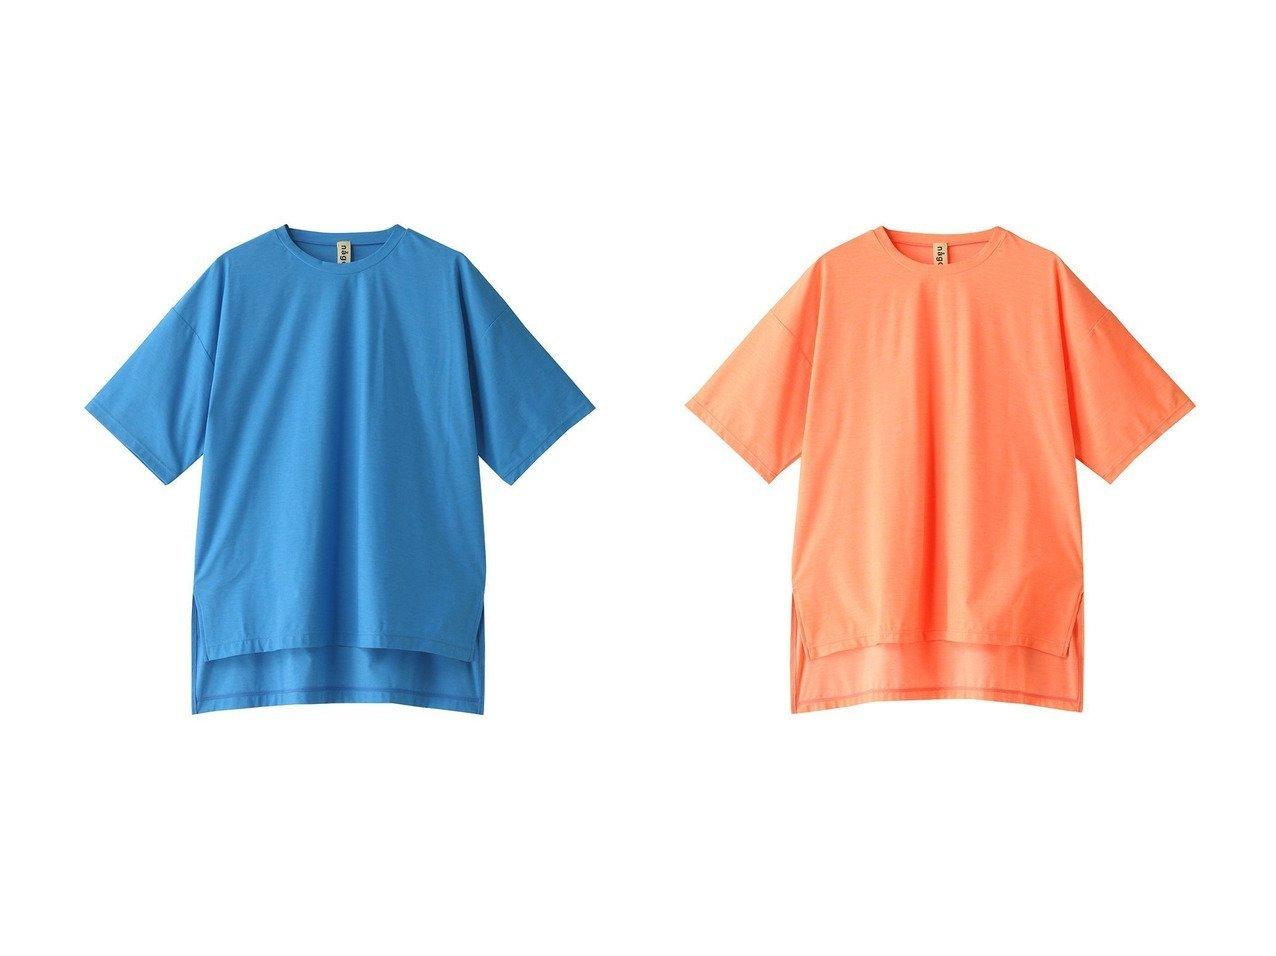 【nagonstans/ナゴンスタンス】のFAVOLA Tシャツラッシュガード/スイムウェア・水着&FESTA Tシャツラッシュガード/スイムウェア・水着 【水着】おすすめ!人気、トレンド・レディースファッションの通販 おすすめで人気の流行・トレンド、ファッションの通販商品 メンズファッション・キッズファッション・インテリア・家具・レディースファッション・服の通販 founy(ファニー) https://founy.com/ ファッション Fashion レディースファッション WOMEN 水着 Swimwear 水着 Swimwear おすすめ Recommend シンプル スポーツ スリット セットアップ 半袖 水着  ID:crp329100000039462